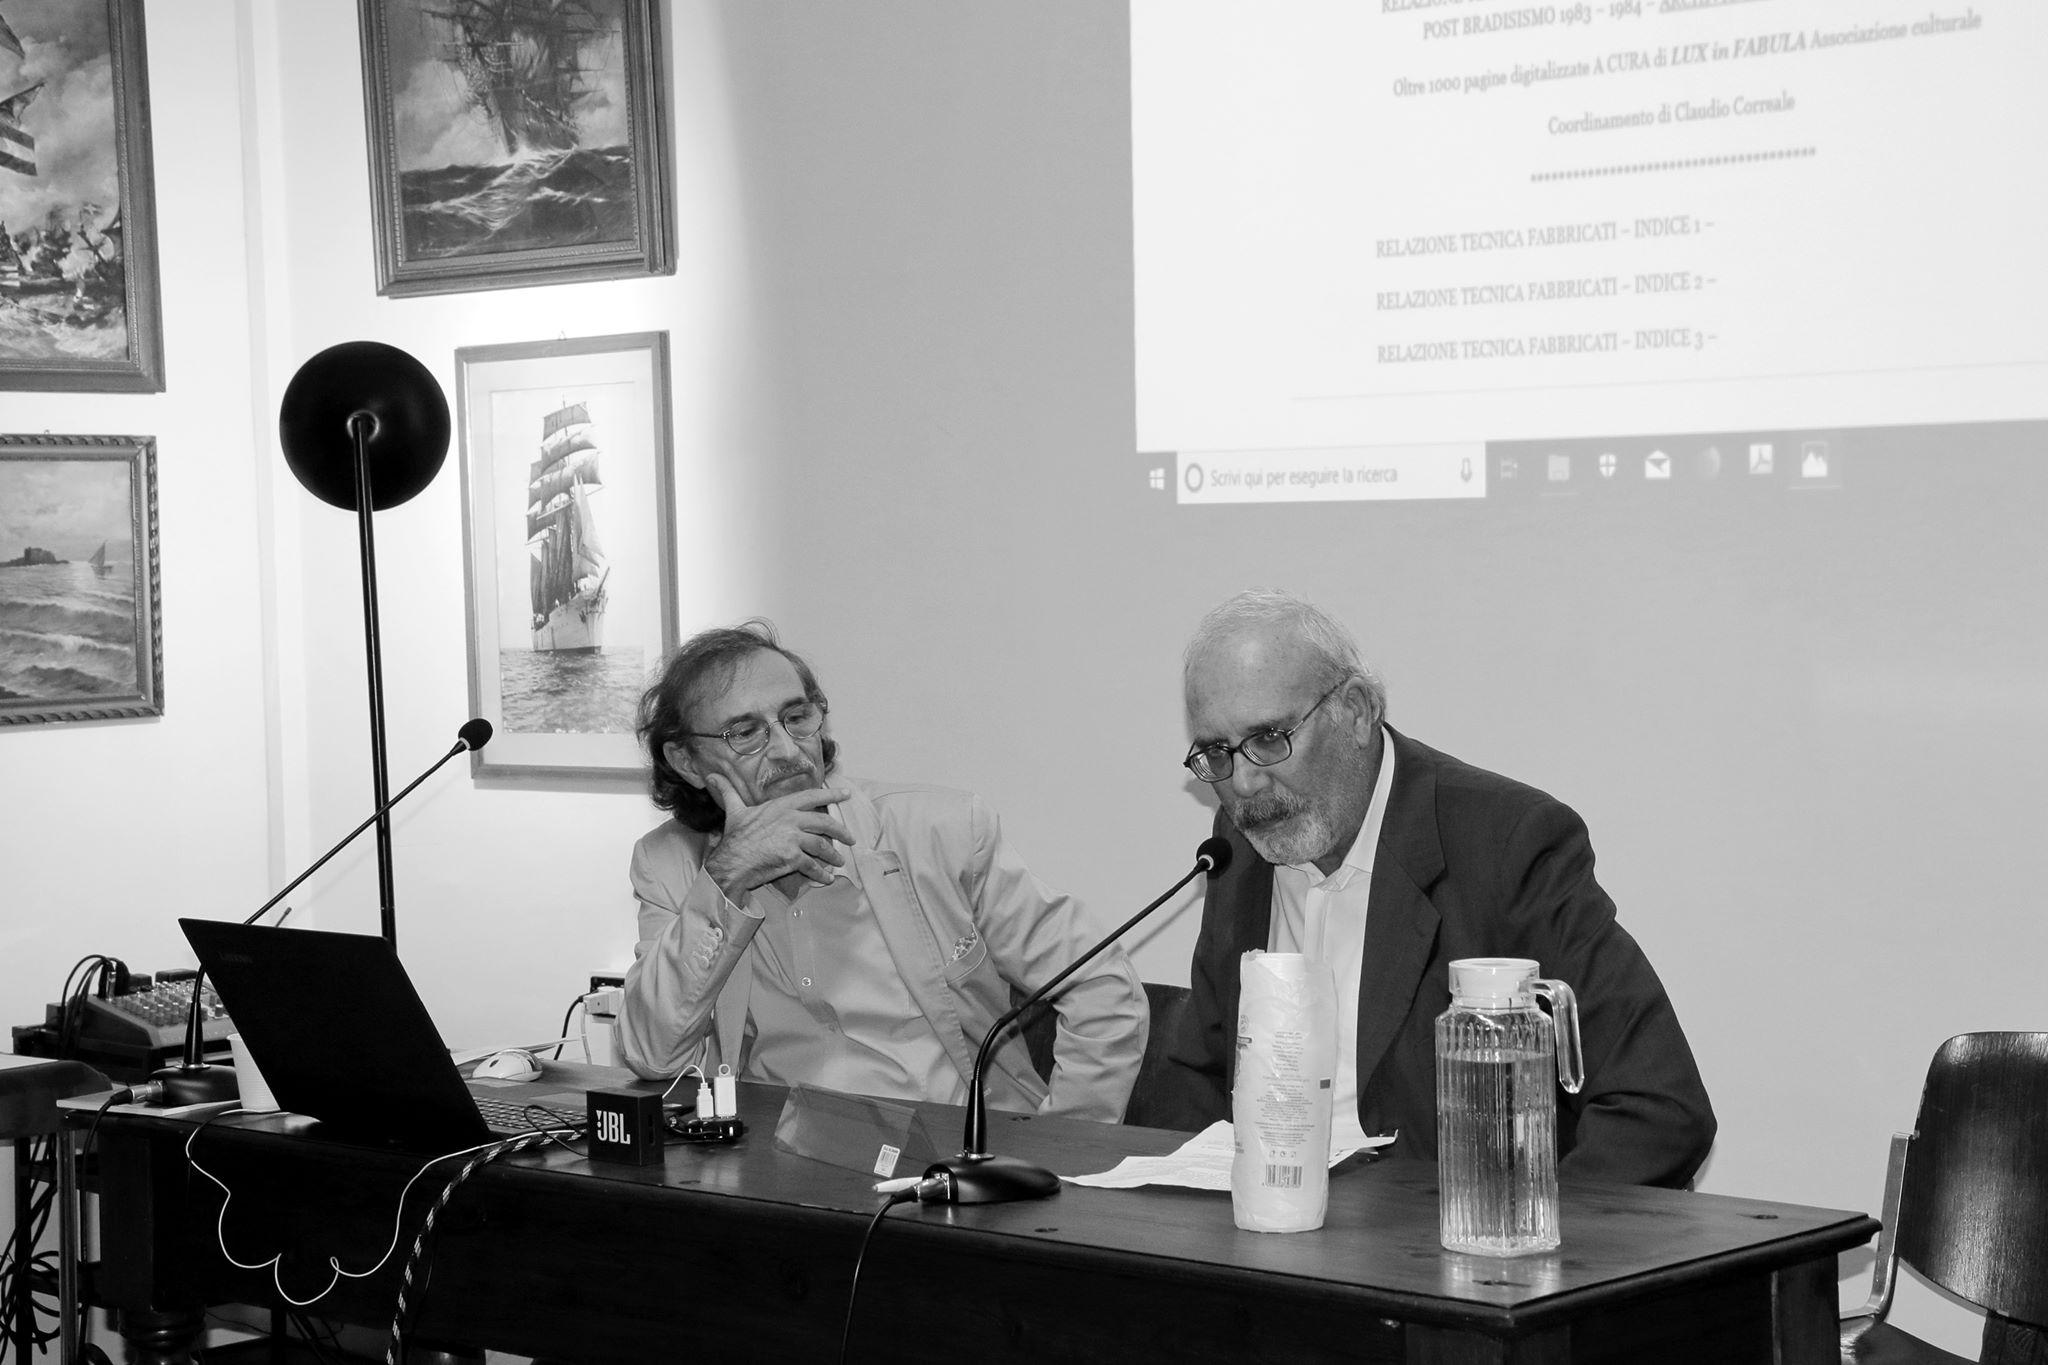 Claudio Correale e Antonio Isabettini durante la serata Pozzuoli è memoria, Museo del Mare, Napoli, ottobre 2019. Foto di Vittorio Gulfo